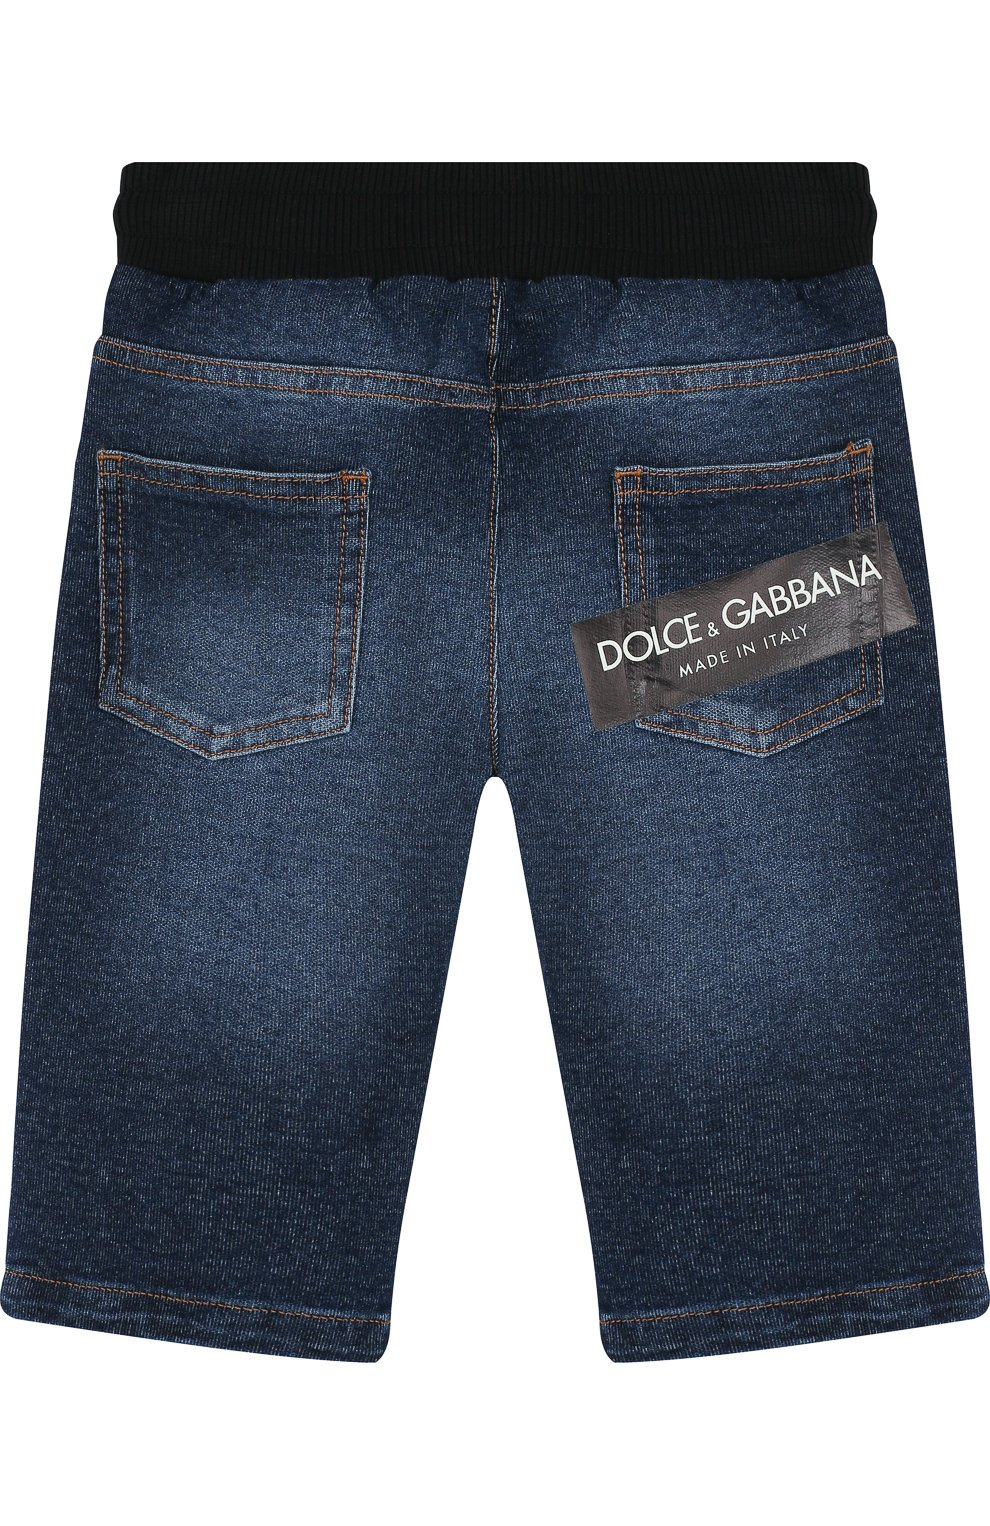 Детские джинсы с декоративными потертостями и эластичным поясом DOLCE & GABBANA синего цвета, арт. L1JPS5/G7MZB | Фото 2